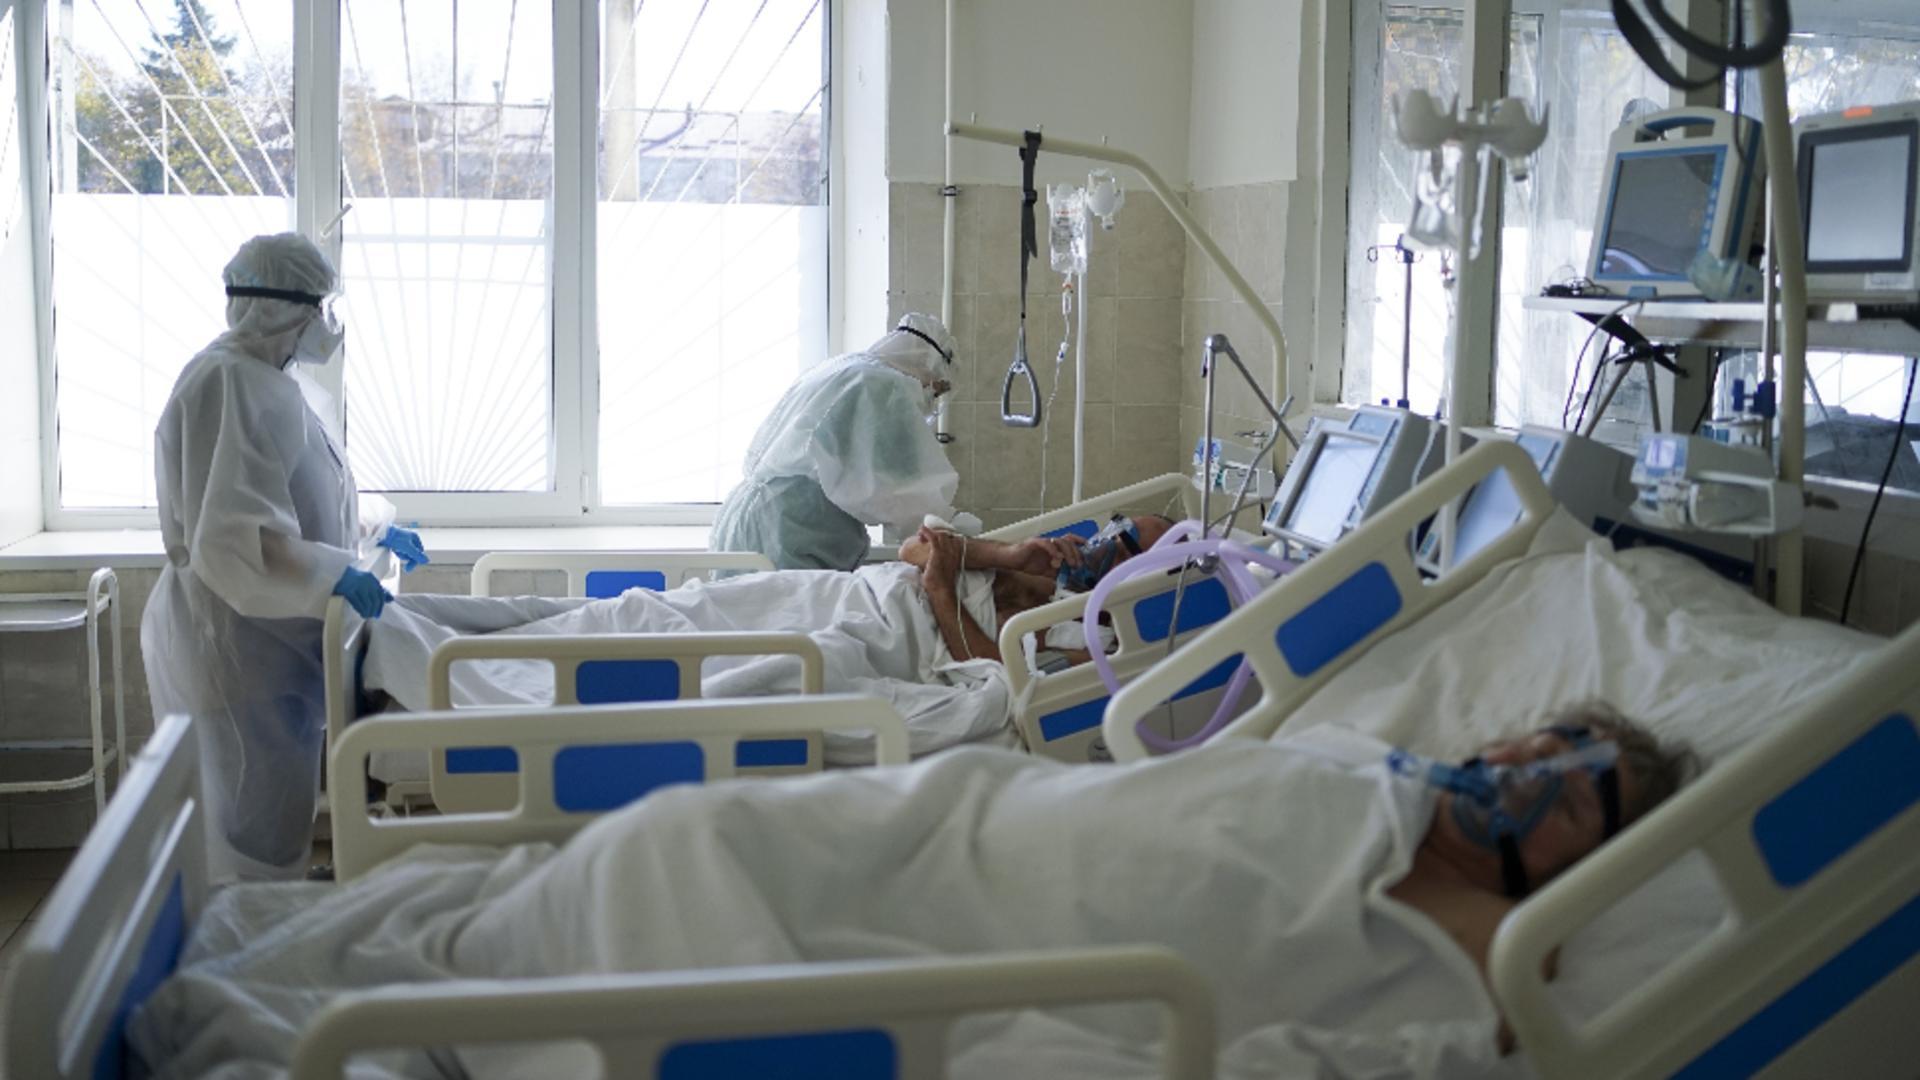 Spitalul modular de la Lețcani, redeschis după 8 luni / FOTO: Profi Media